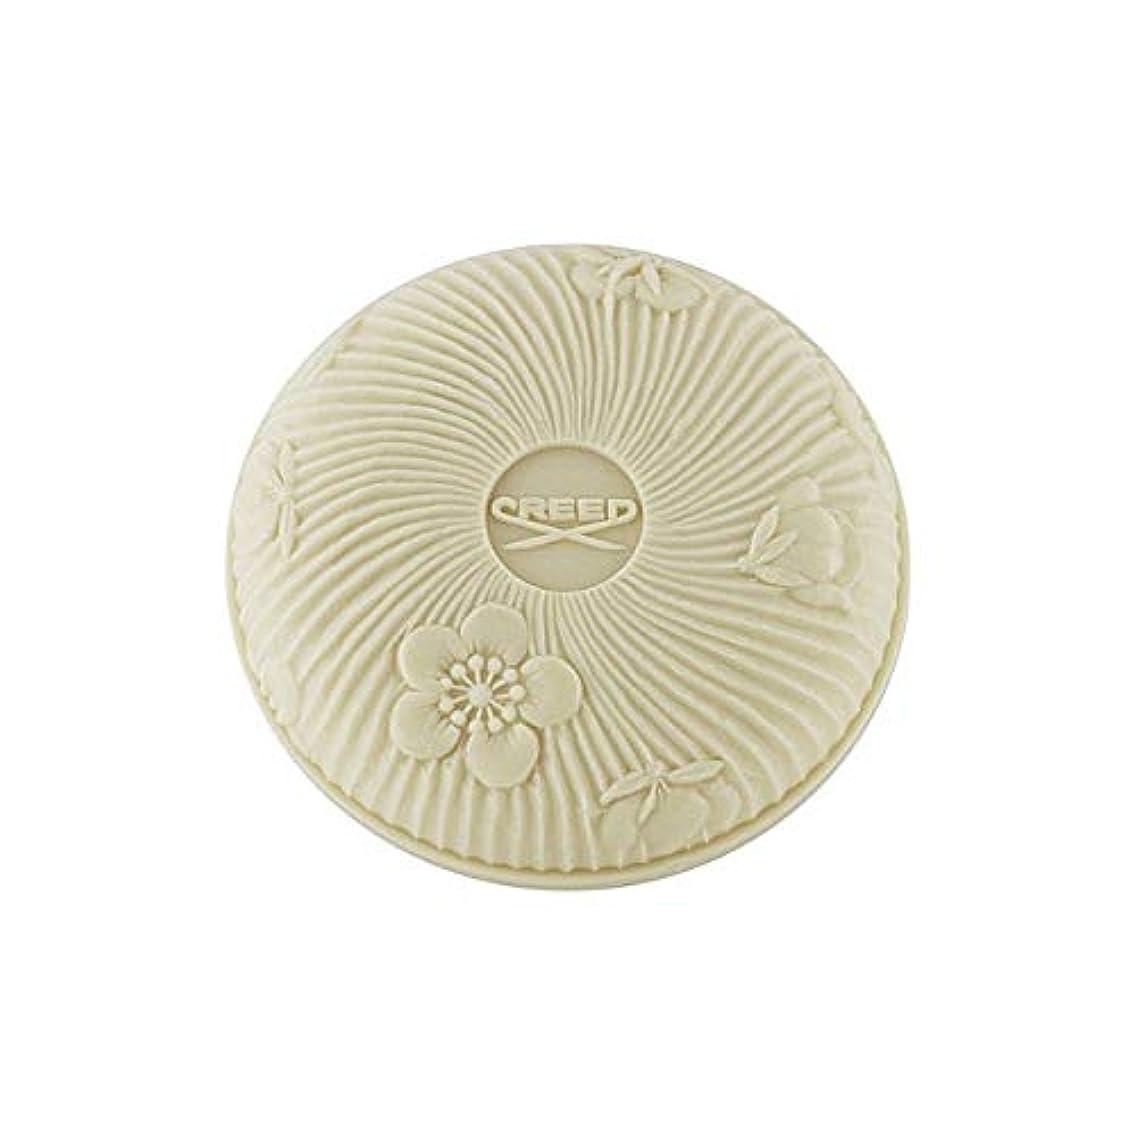 輝く通信網平凡[Creed ] 白い石鹸150グラムで信条愛 - Creed Love In White Soap 150G [並行輸入品]